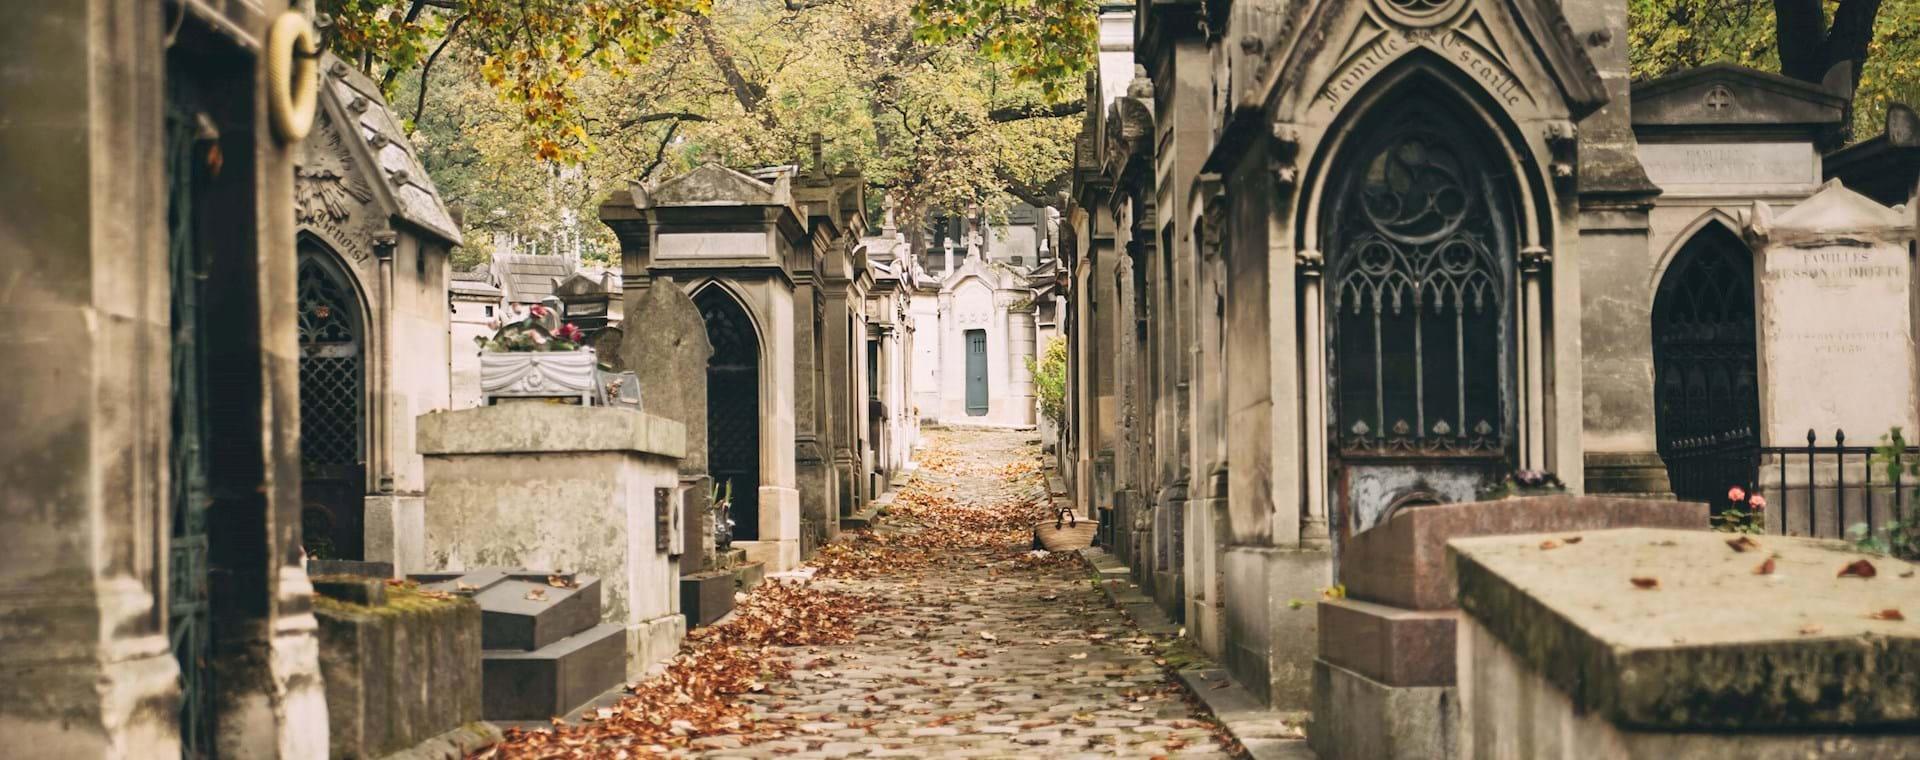 Famous Paris Graves: The Pére Lachaise Cemetery